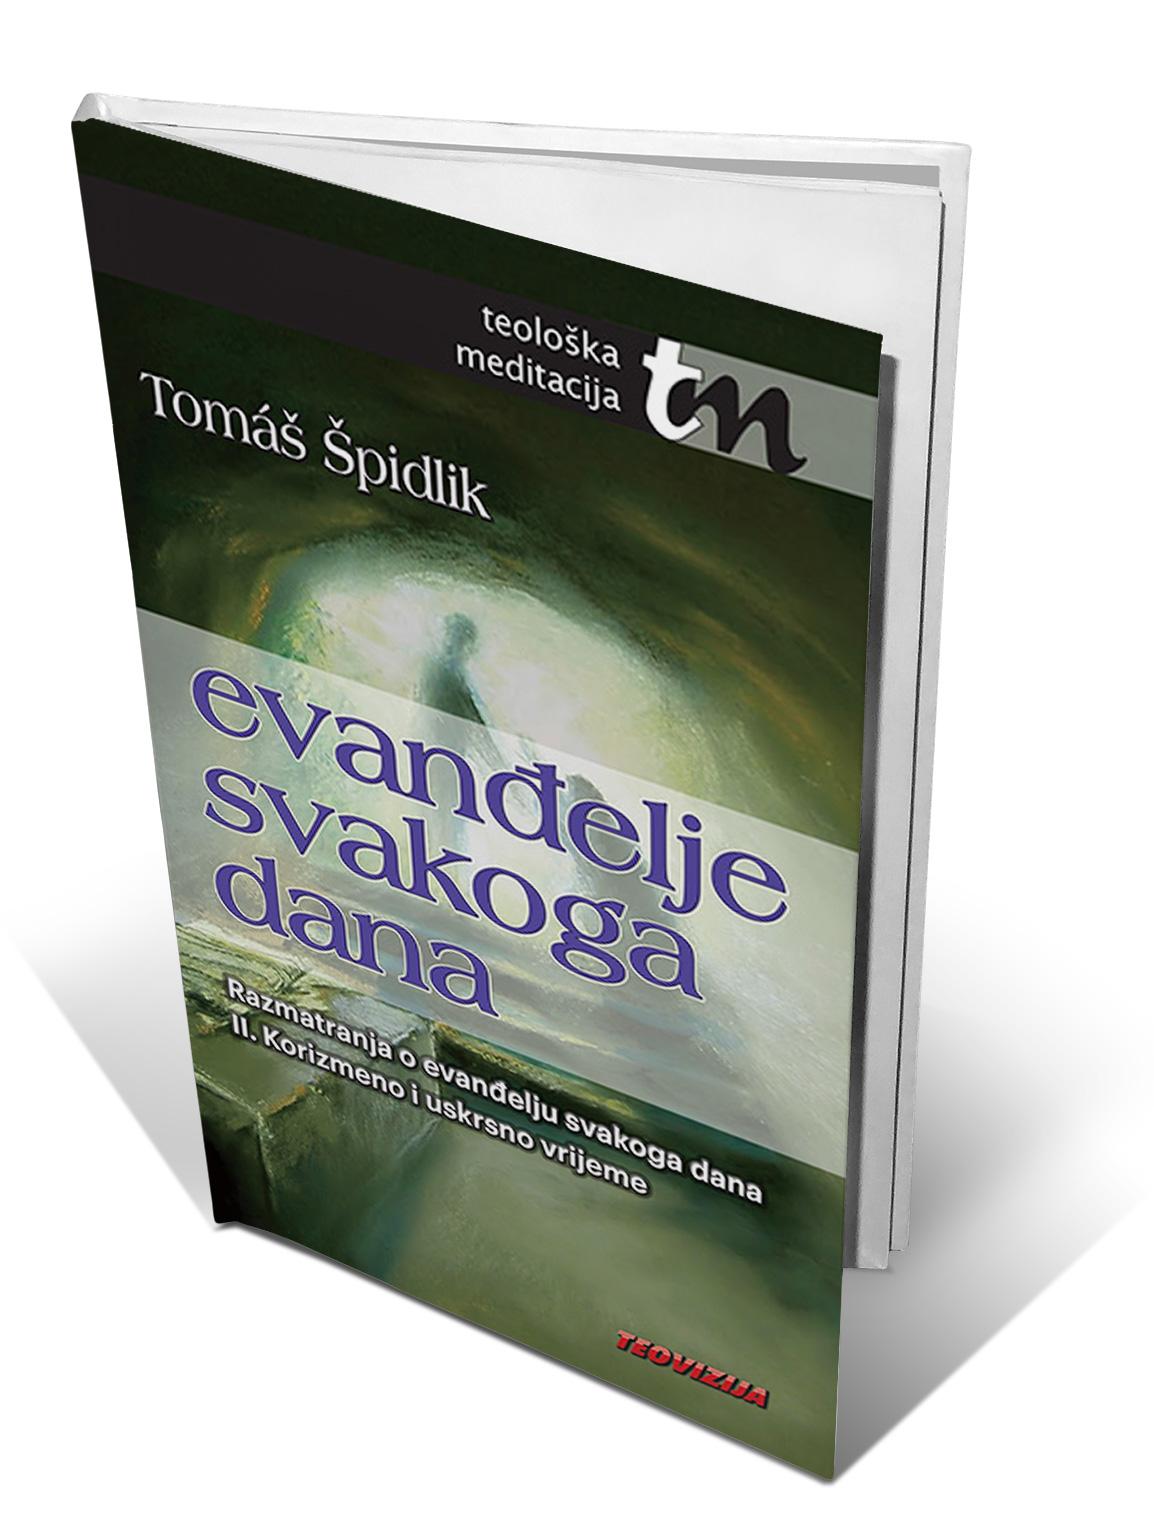 EVANĐELJE SVAKOGA DANA II - Tomaš Špidlik